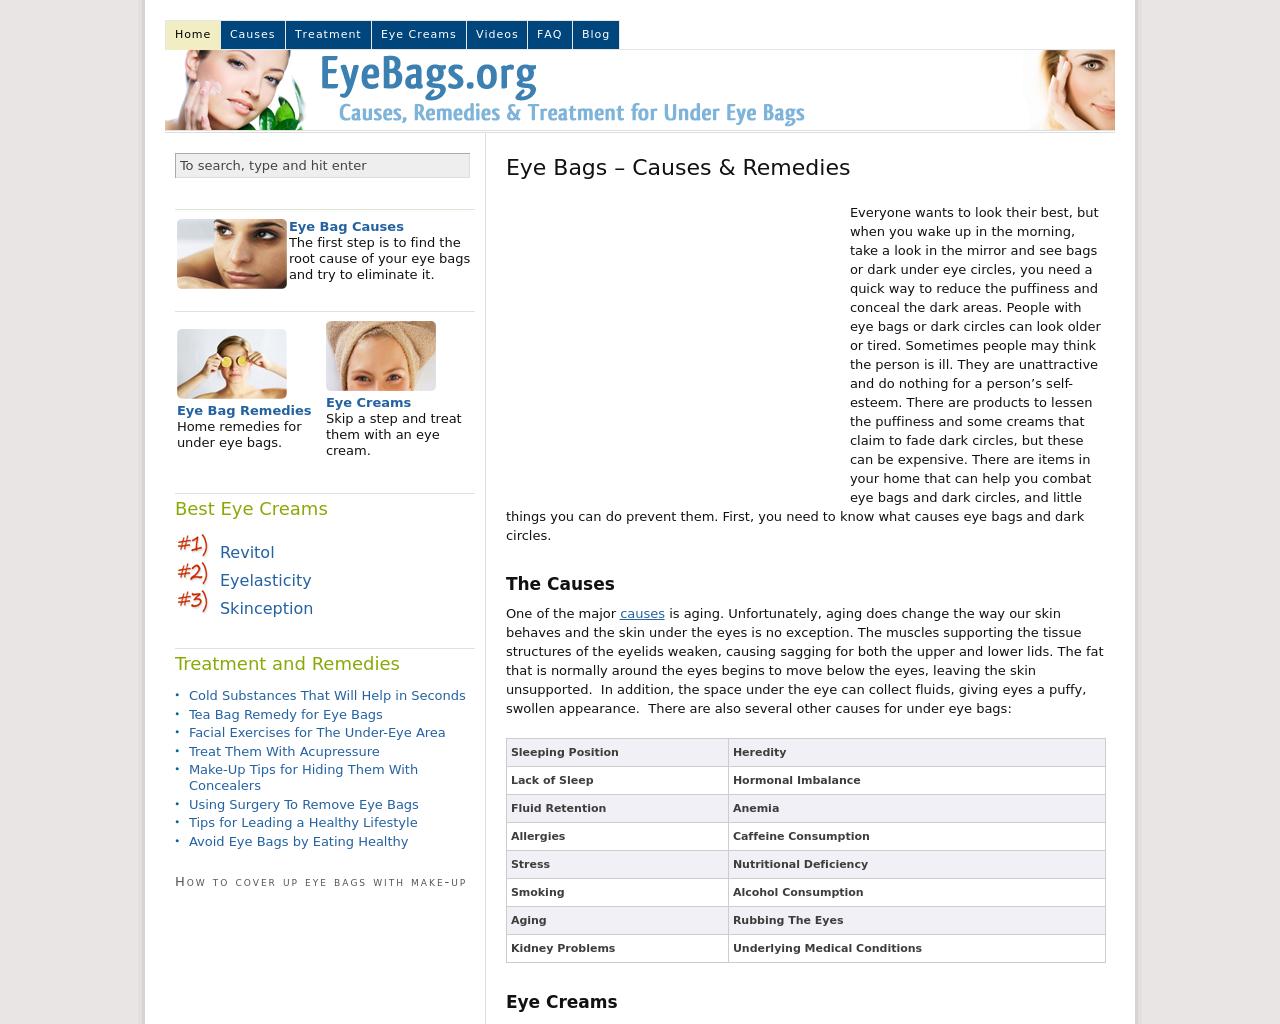 EyeBags.org-Advertising-Reviews-Pricing